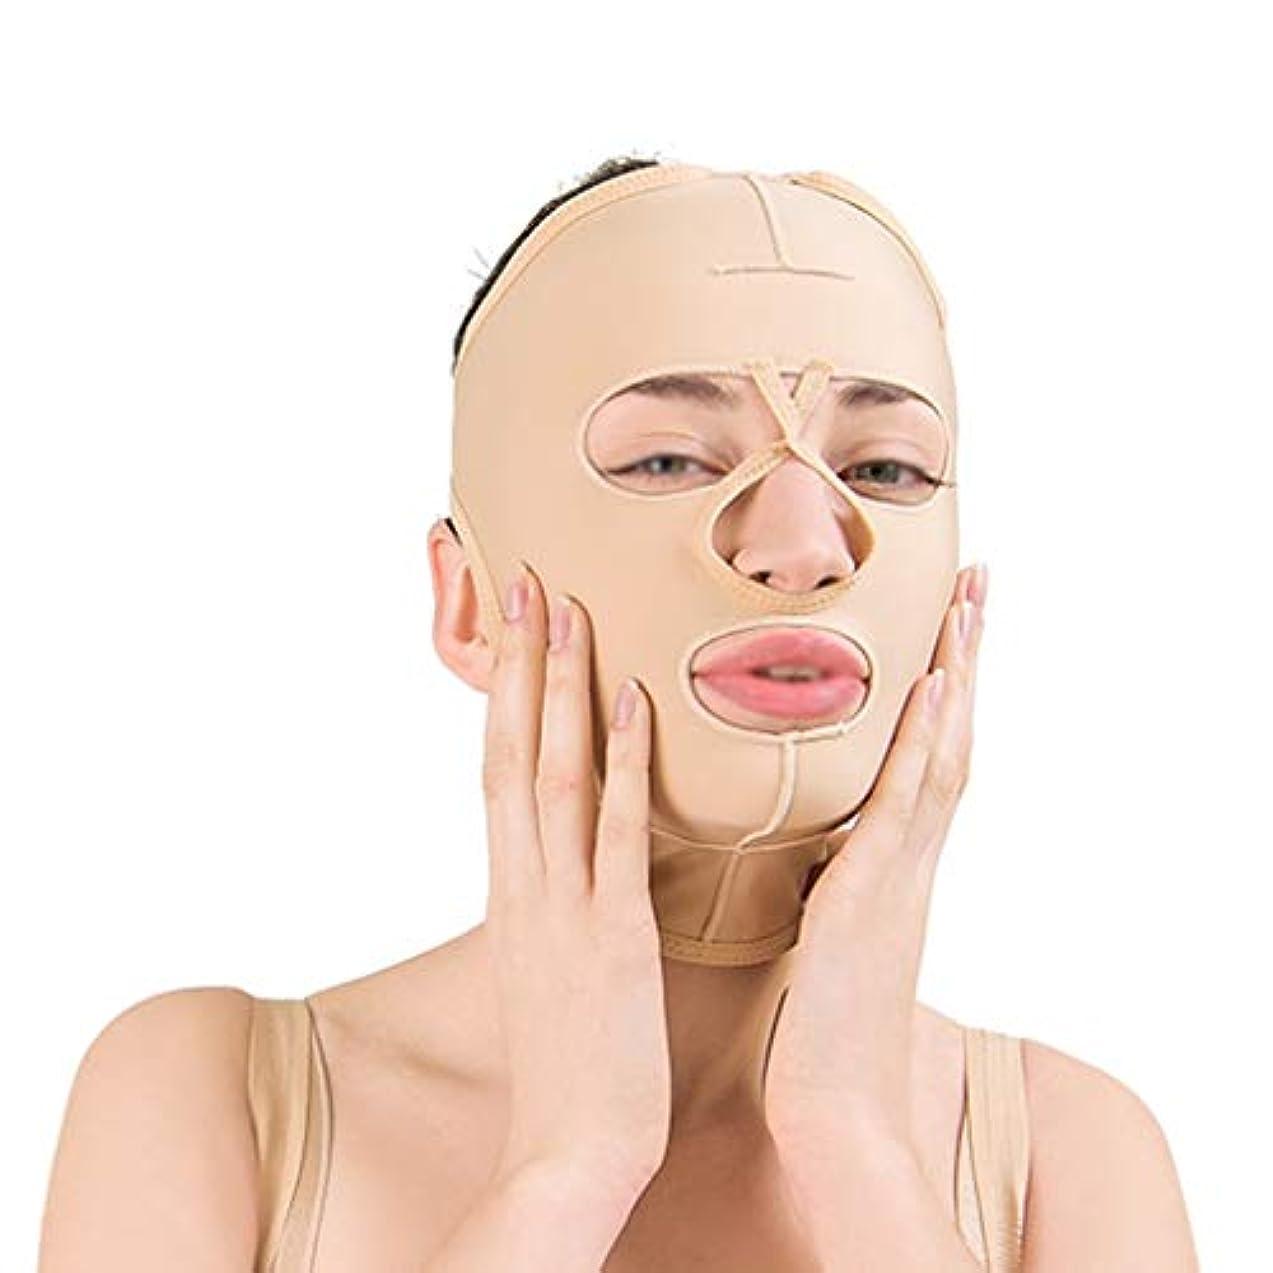 不従順未使用ペデスタルフェイススリミングマスク、フェイスバンデージ付きフェイシャル減量マスク、通気性フェイスリフト、引き締め、フェイスリフティング (Size : S)